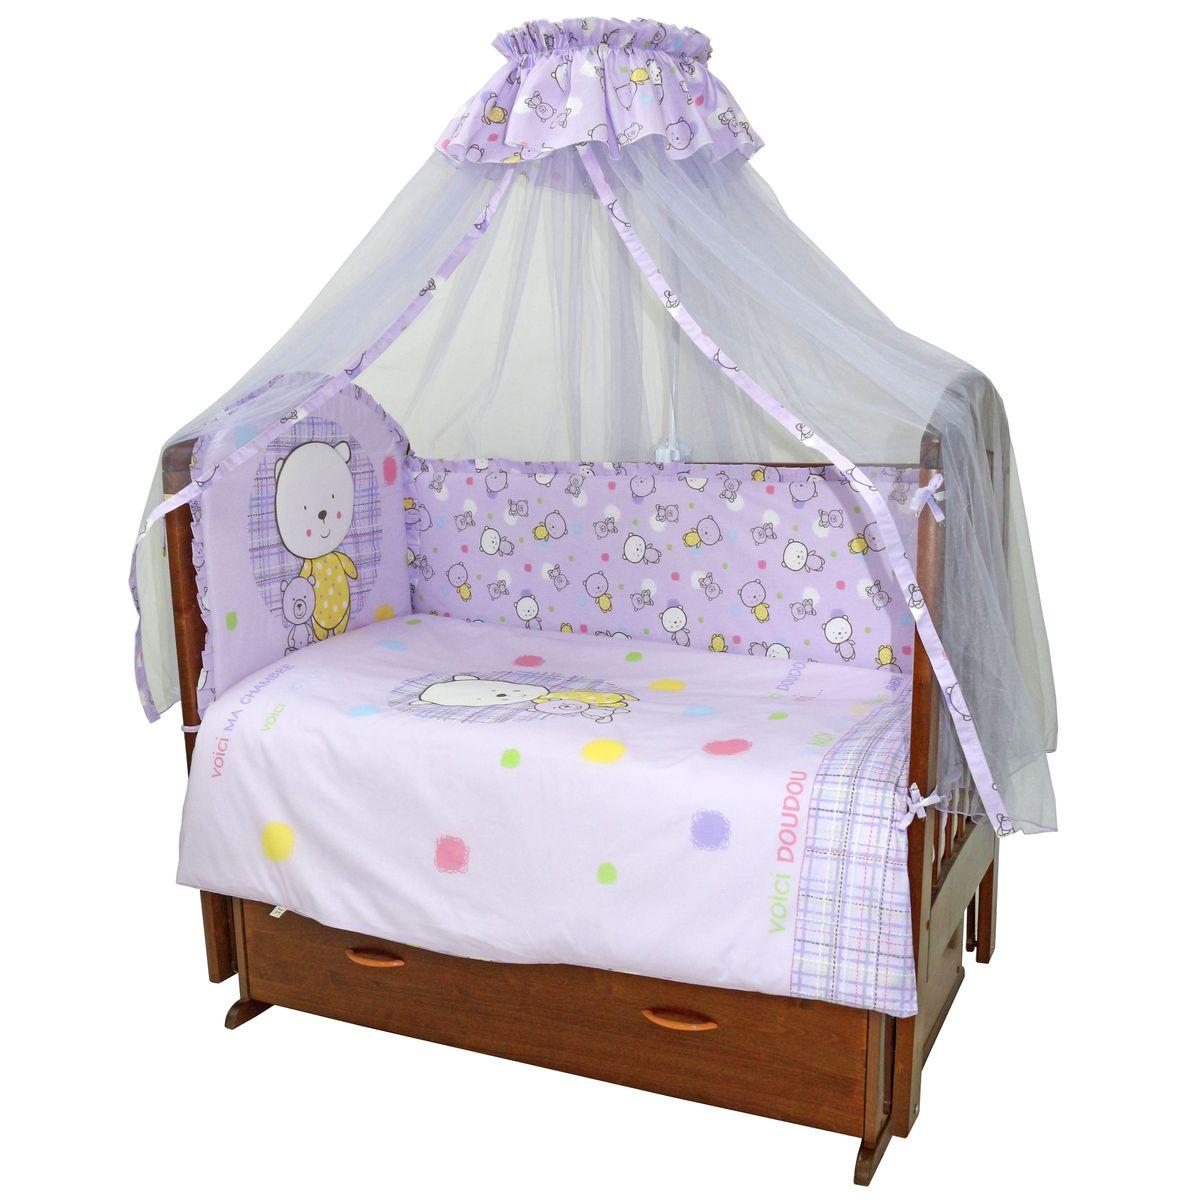 Топотушки Комплект детского постельного белья Мой Медвежонок цвет сиреневый 7 предметов4630008875513Комплект постельного белья из 7 предметов включает все необходимые элементы для детской кроватки.Комплект создает для Вашего ребенка уют, комфорт и безопасную среду с рождения; современный дизайн и цветовые сочетания помогают ребенку адаптироваться в новом для него мире. Комплекты «Топотушки» хорошо вписываются в интерьер как детской комнаты, так и спальни родителей.Как и все изделия «Топотушки» данный комплект отражает самые последние технологии, является безопасным для малыша и экологичным. Российское происхождение комплекта гарантирует стабильно высокое качество, соответствие актуальным пожеланиям потребителей, конкурентоспособную цену. Балдахин 4,5м (сетка); охранный бампер 360х40см. (из 4-х частей, наполнитель – холлофайбер); подушка 40х60см. (наполнитель – холлофайбер); одеяло 140х110см. (наполнитель – холлофайбер); наволочка 40х60см; пододеяльник 147х112см; простынь на резинке 120х60см